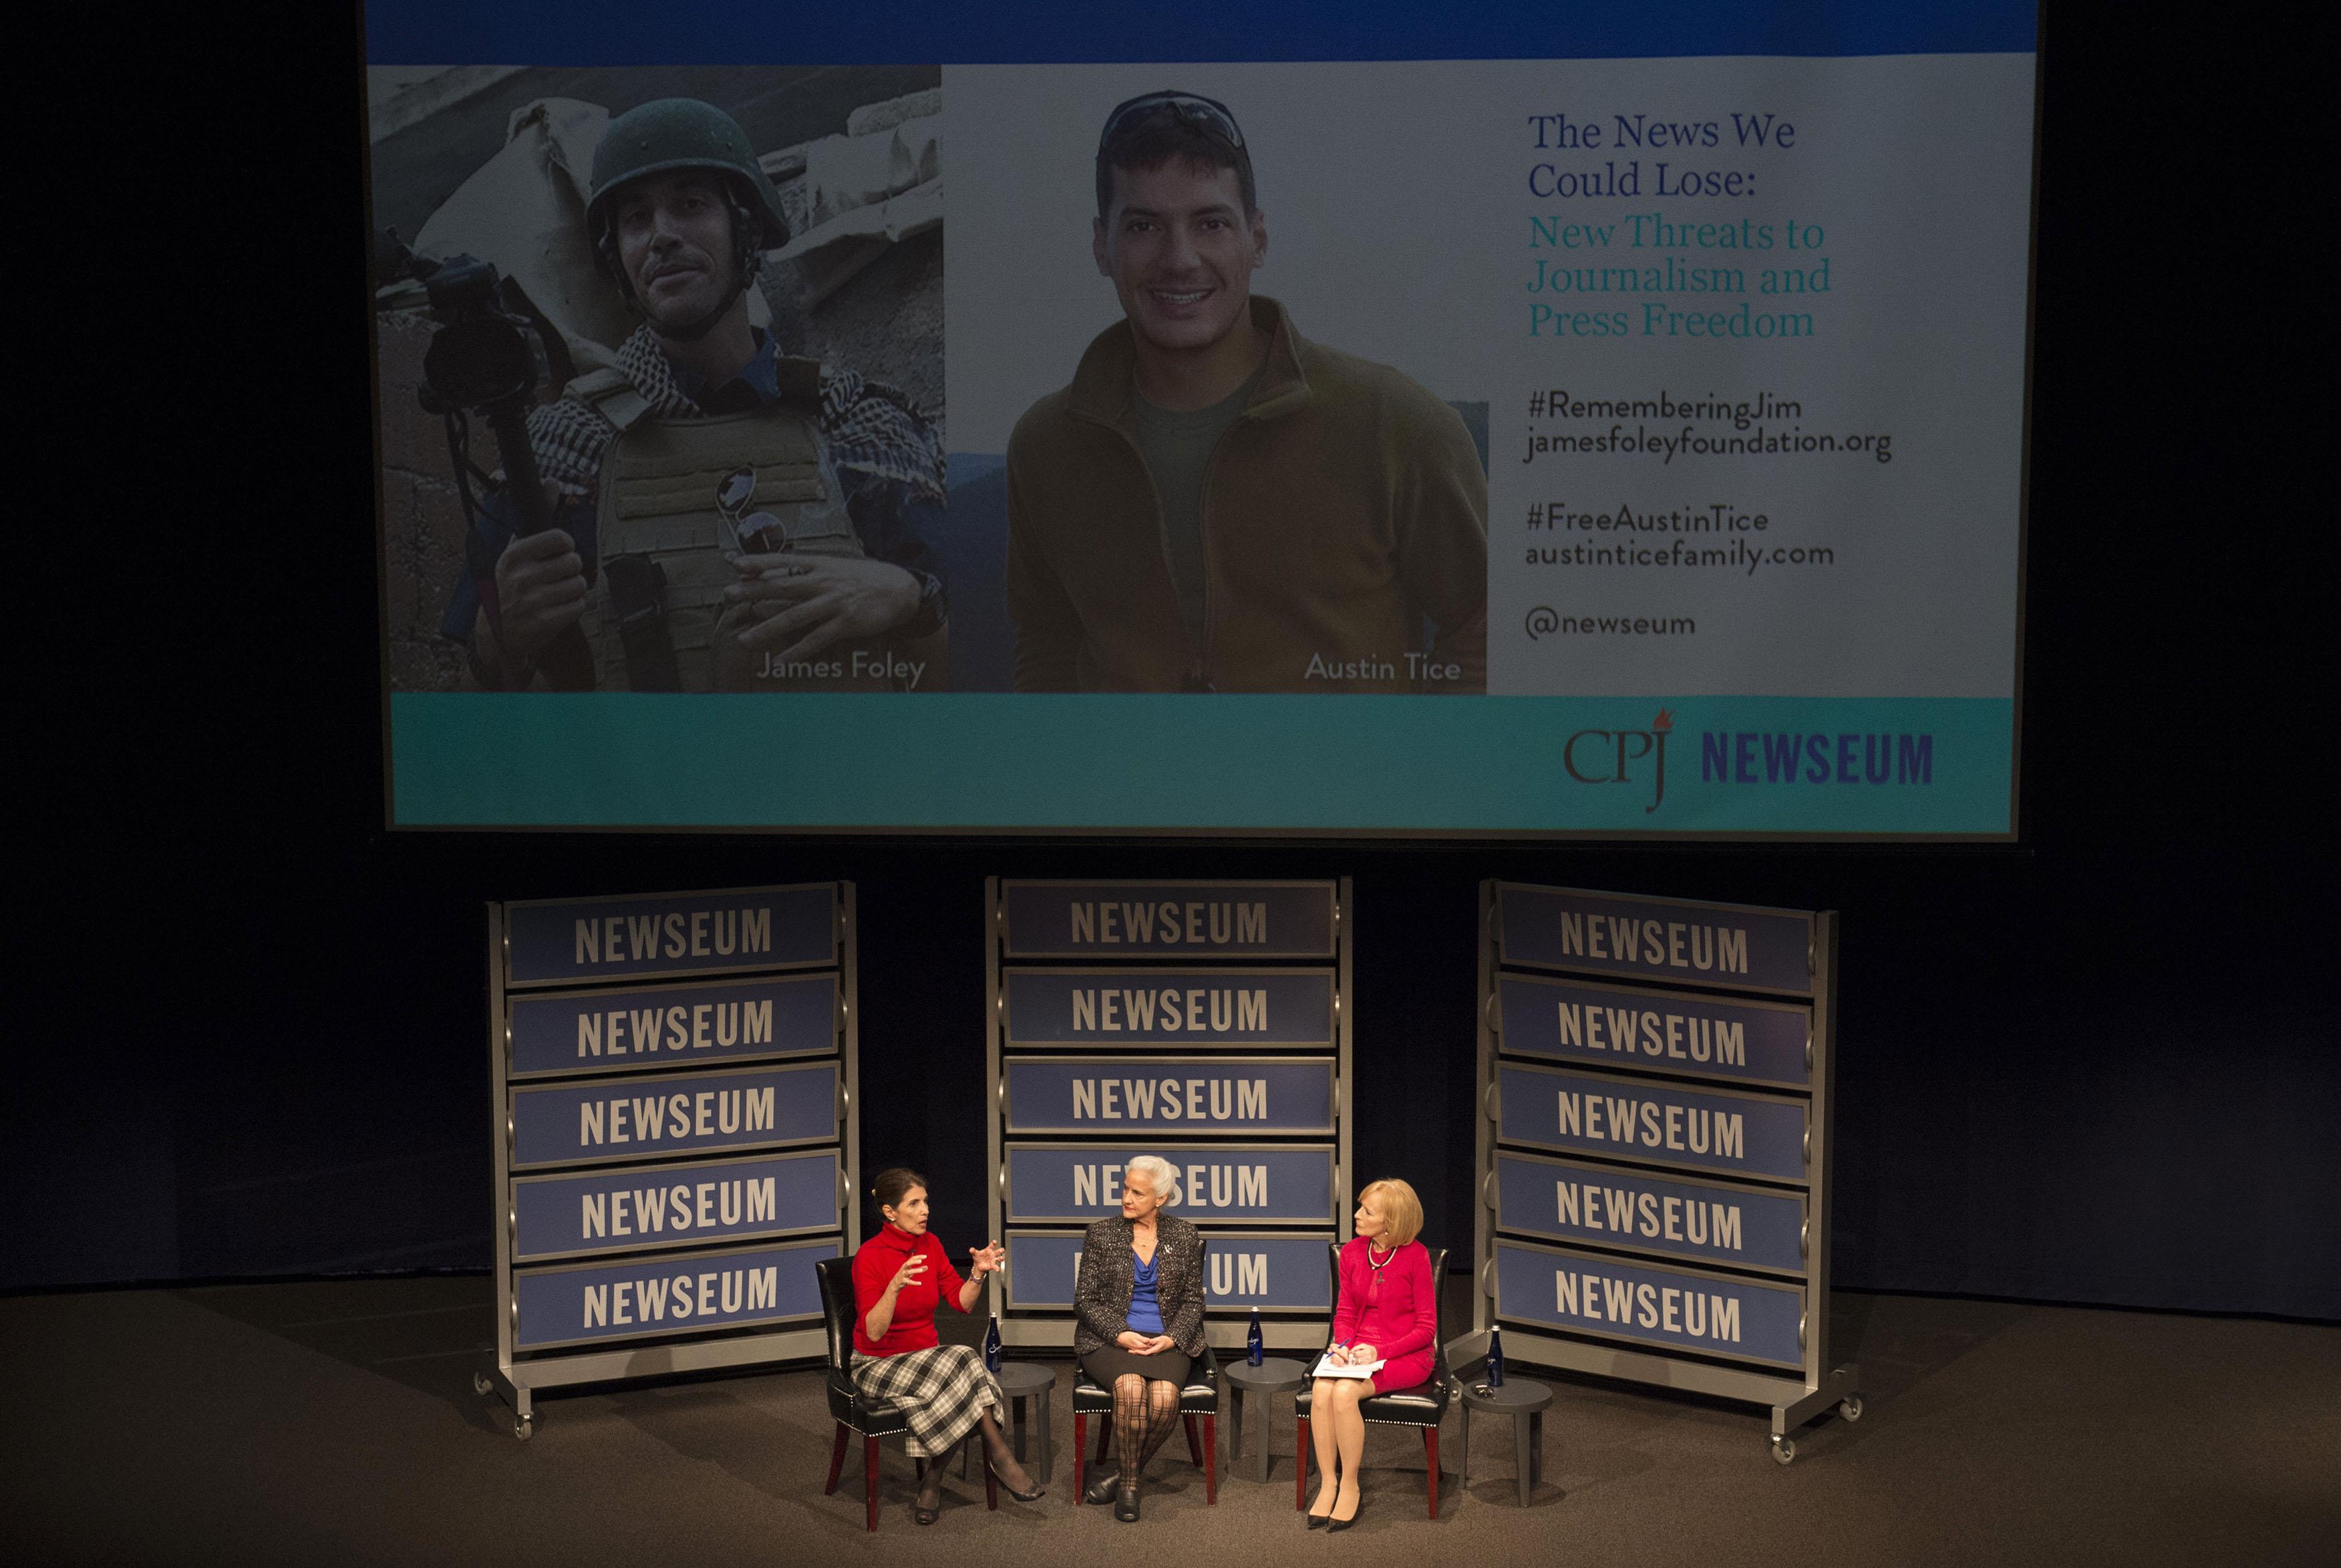 Диана Фоули, мать фотожурналиста Джеймса Фоули, убитого боевиками «Исламского государства» в 2014 году, и Дебра Тайс, мать журналиста-фрилансера Остина Тайса, который числится пропавшим без вести с момента его захвата в плен в Сирии в 2012 году, принимают участие в форуме в вашингтонском музее новостей 4-го февраля 2015 года. (Ассошиэйтед пресс/Молли Райли)